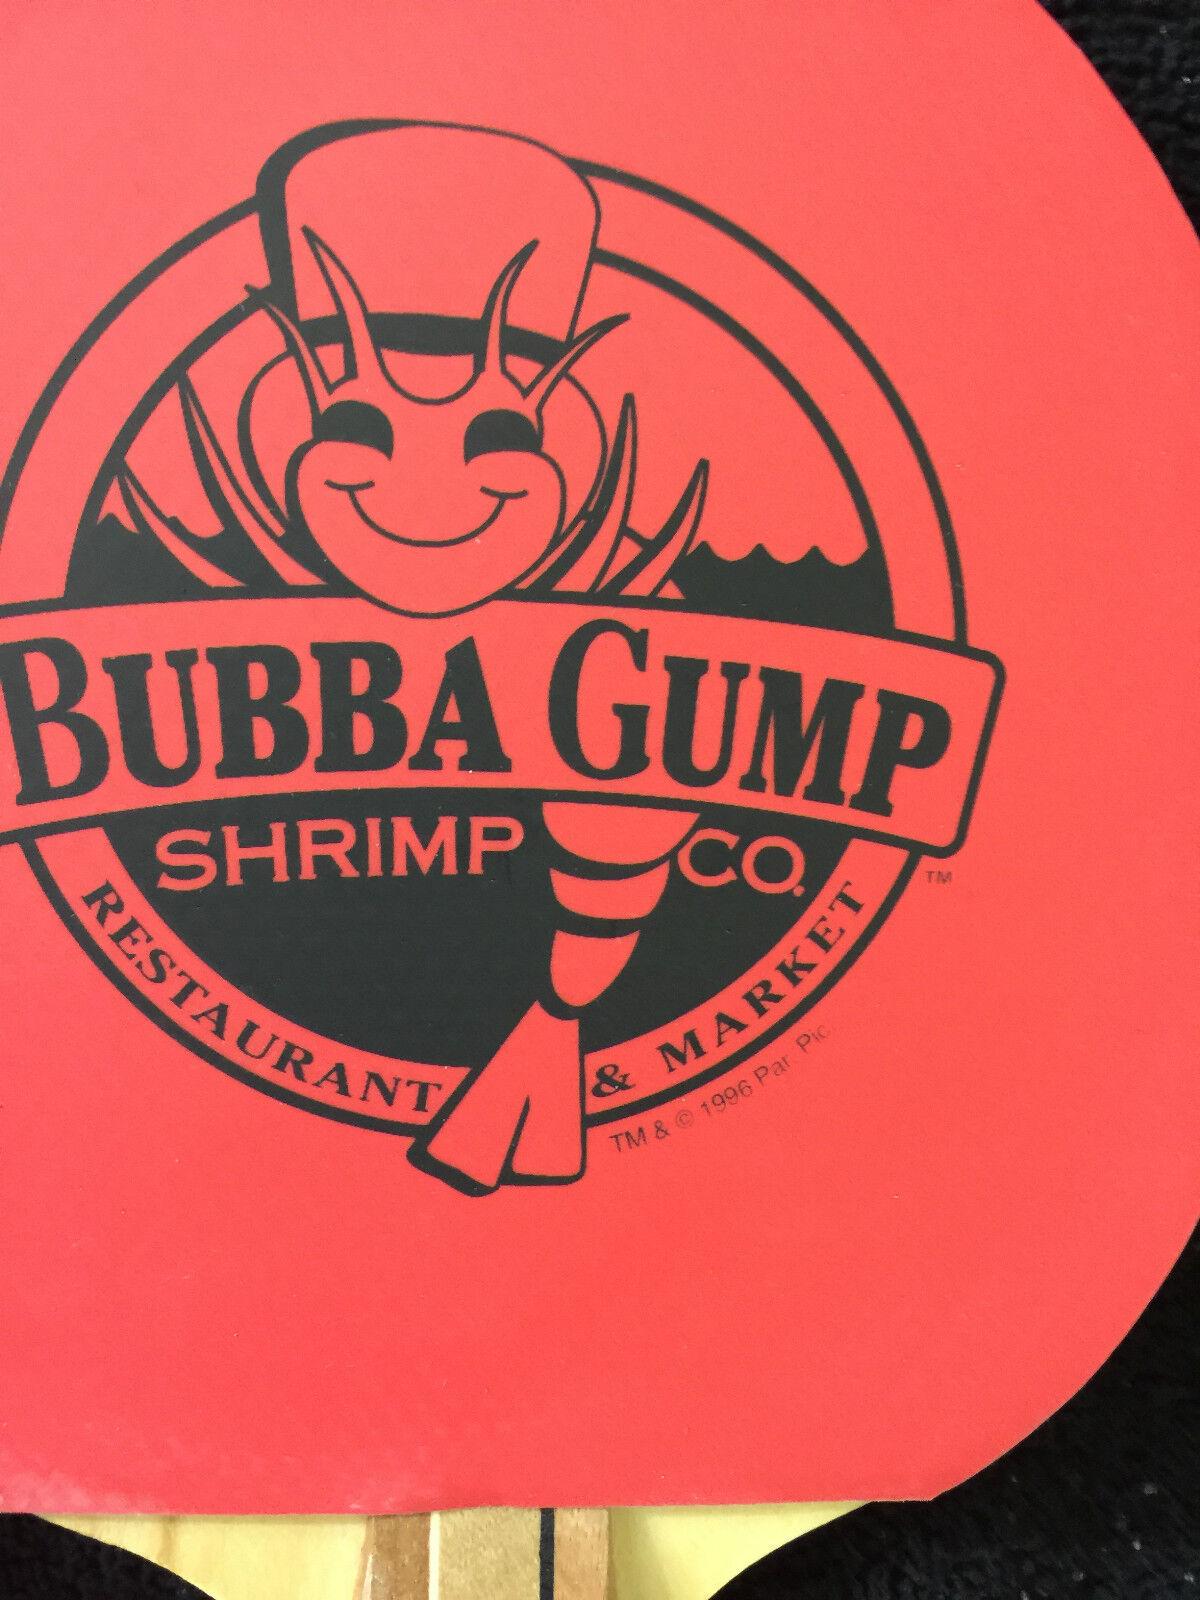 BUBBA PONG GUMP SHRIMP COMPANY-STIGA  PING PONG BUBBA PADDLE-TABLE TENNIS-NEW-FREE SHIPPING dd292f